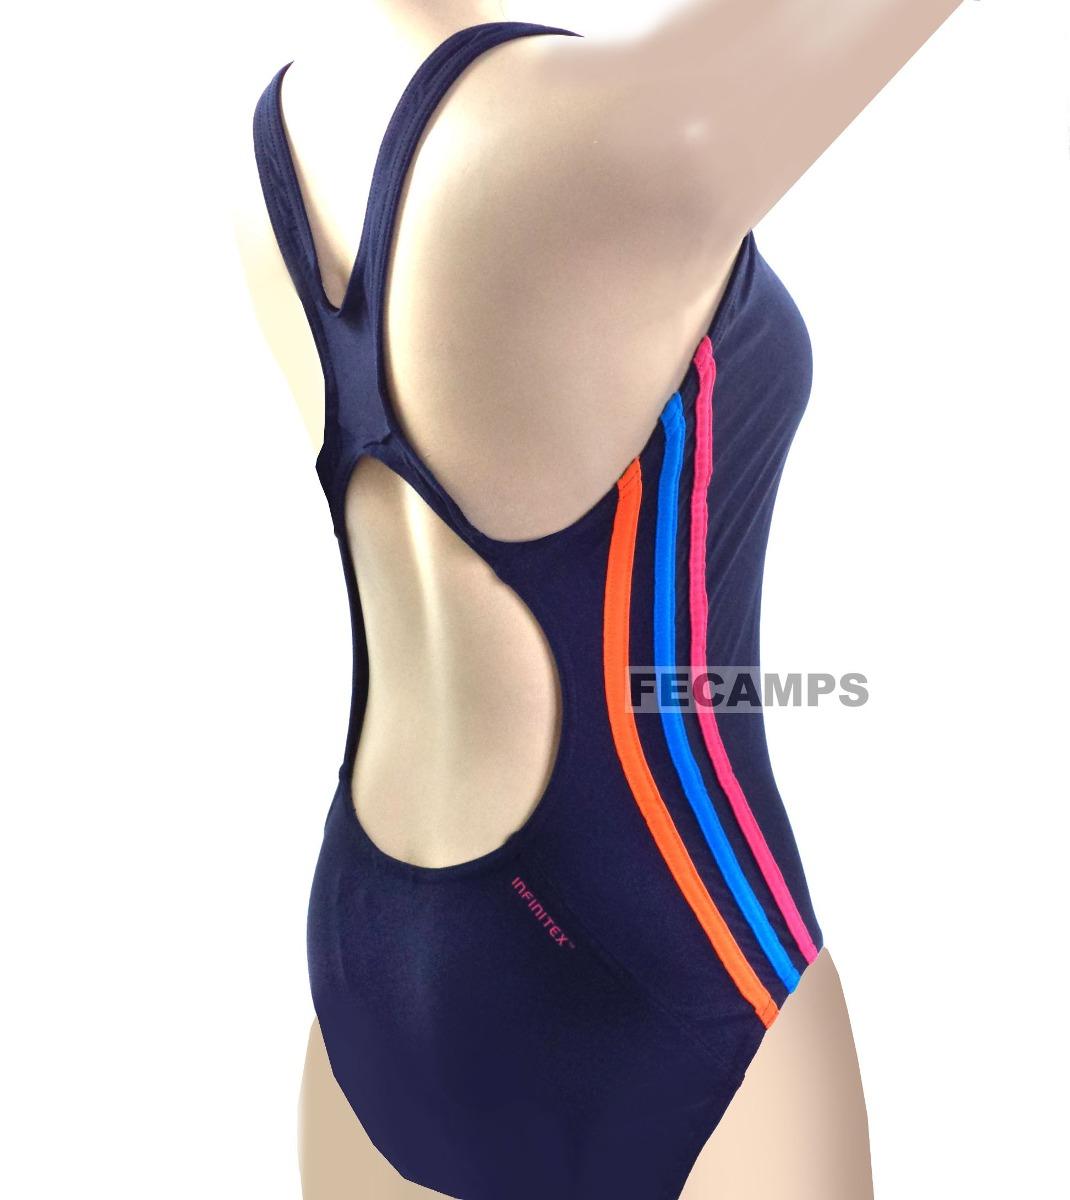 maiô adidas infinitex 3s lycra natação competição performanc. Carregando  zoom. 94b9a9d10e4